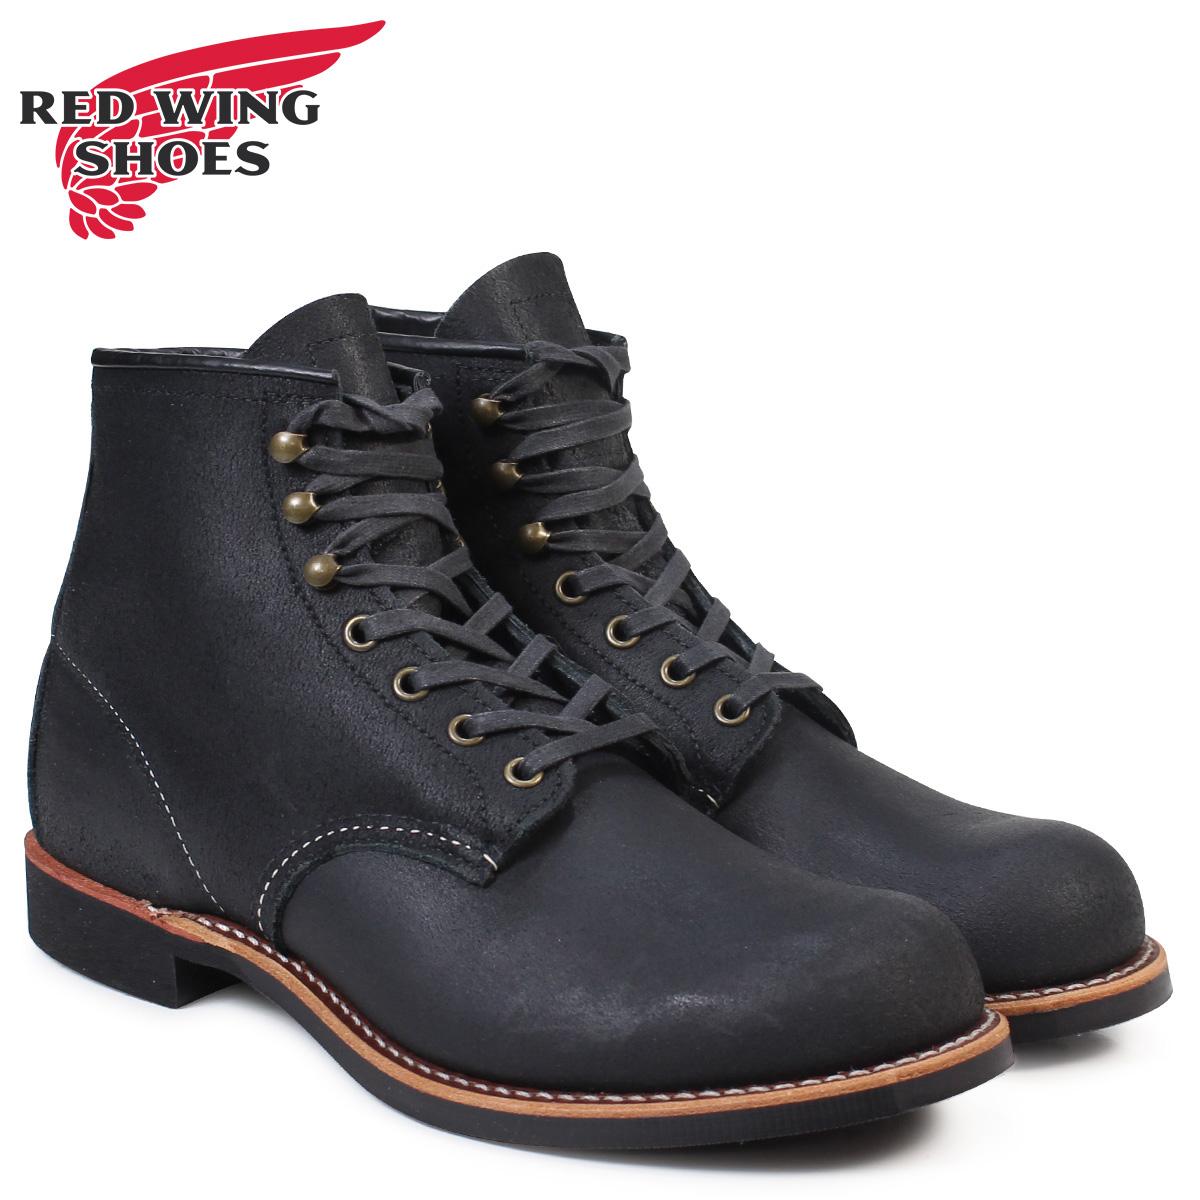 レッドウィング RED WING メンズ ブーツ 2955 アイリッシュセッター 2955 BLACKSMITH Dワイズ ブラック WING メンズ, ビビトレク雑貨:cf5a3464 --- ww.thecollagist.com